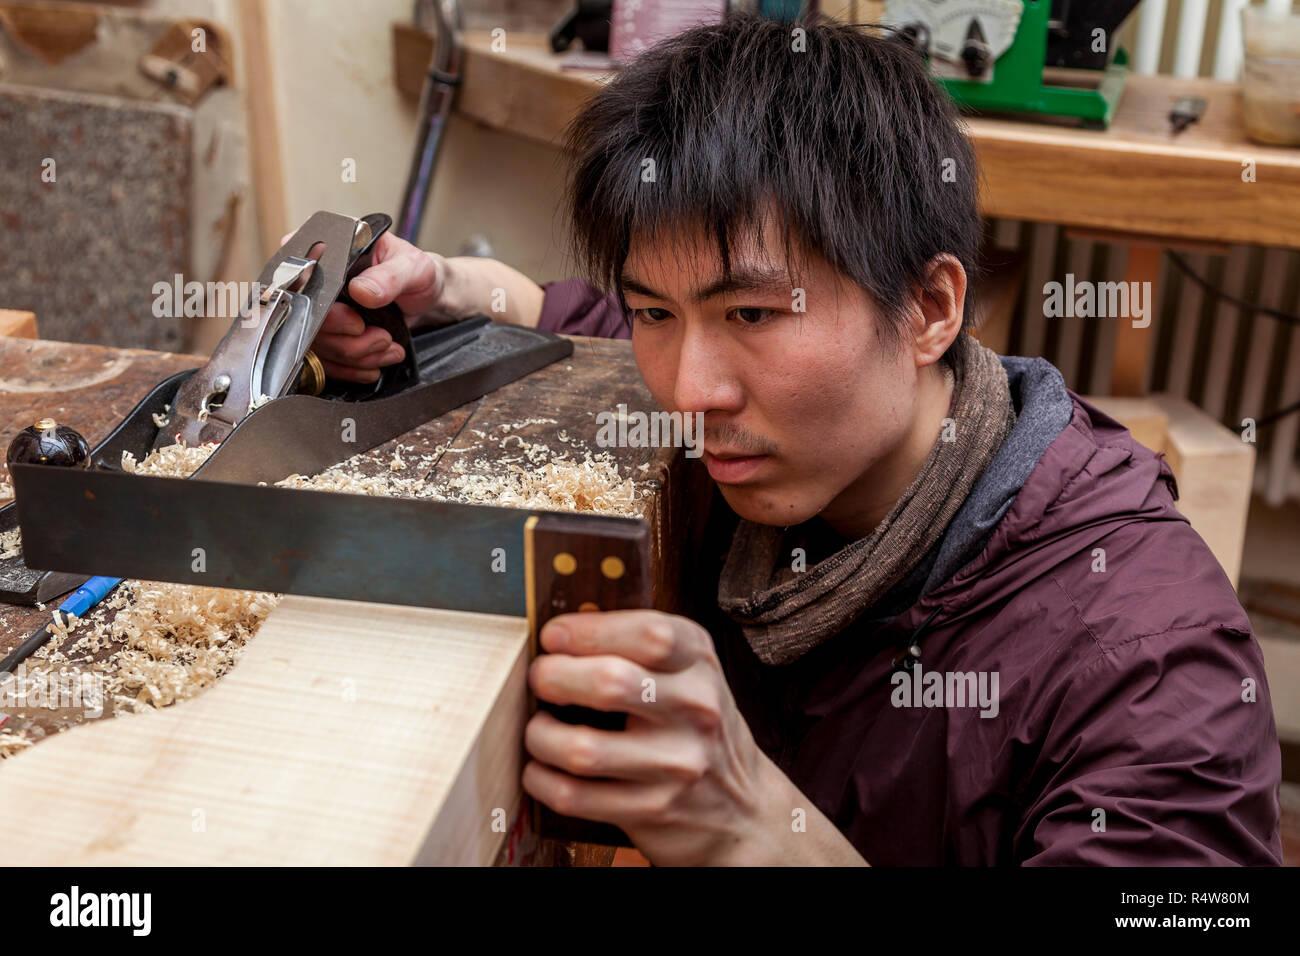 craftsman japaneese violinmaker began working on a new violin in his workshop - Stock Image